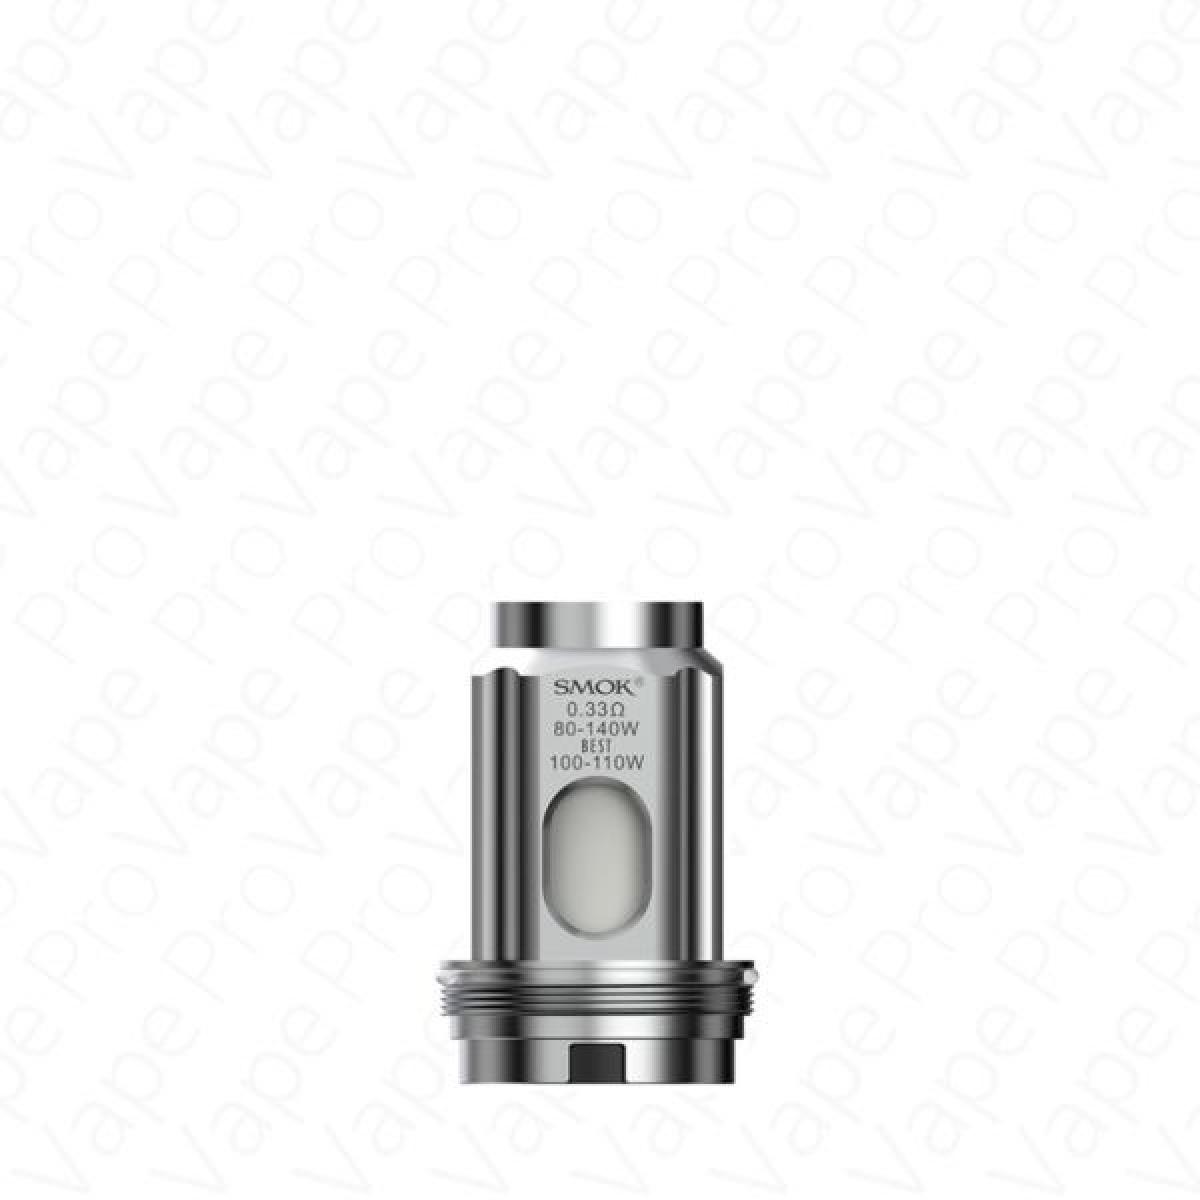 SMOK TFV18 0.33 Ohms Coils